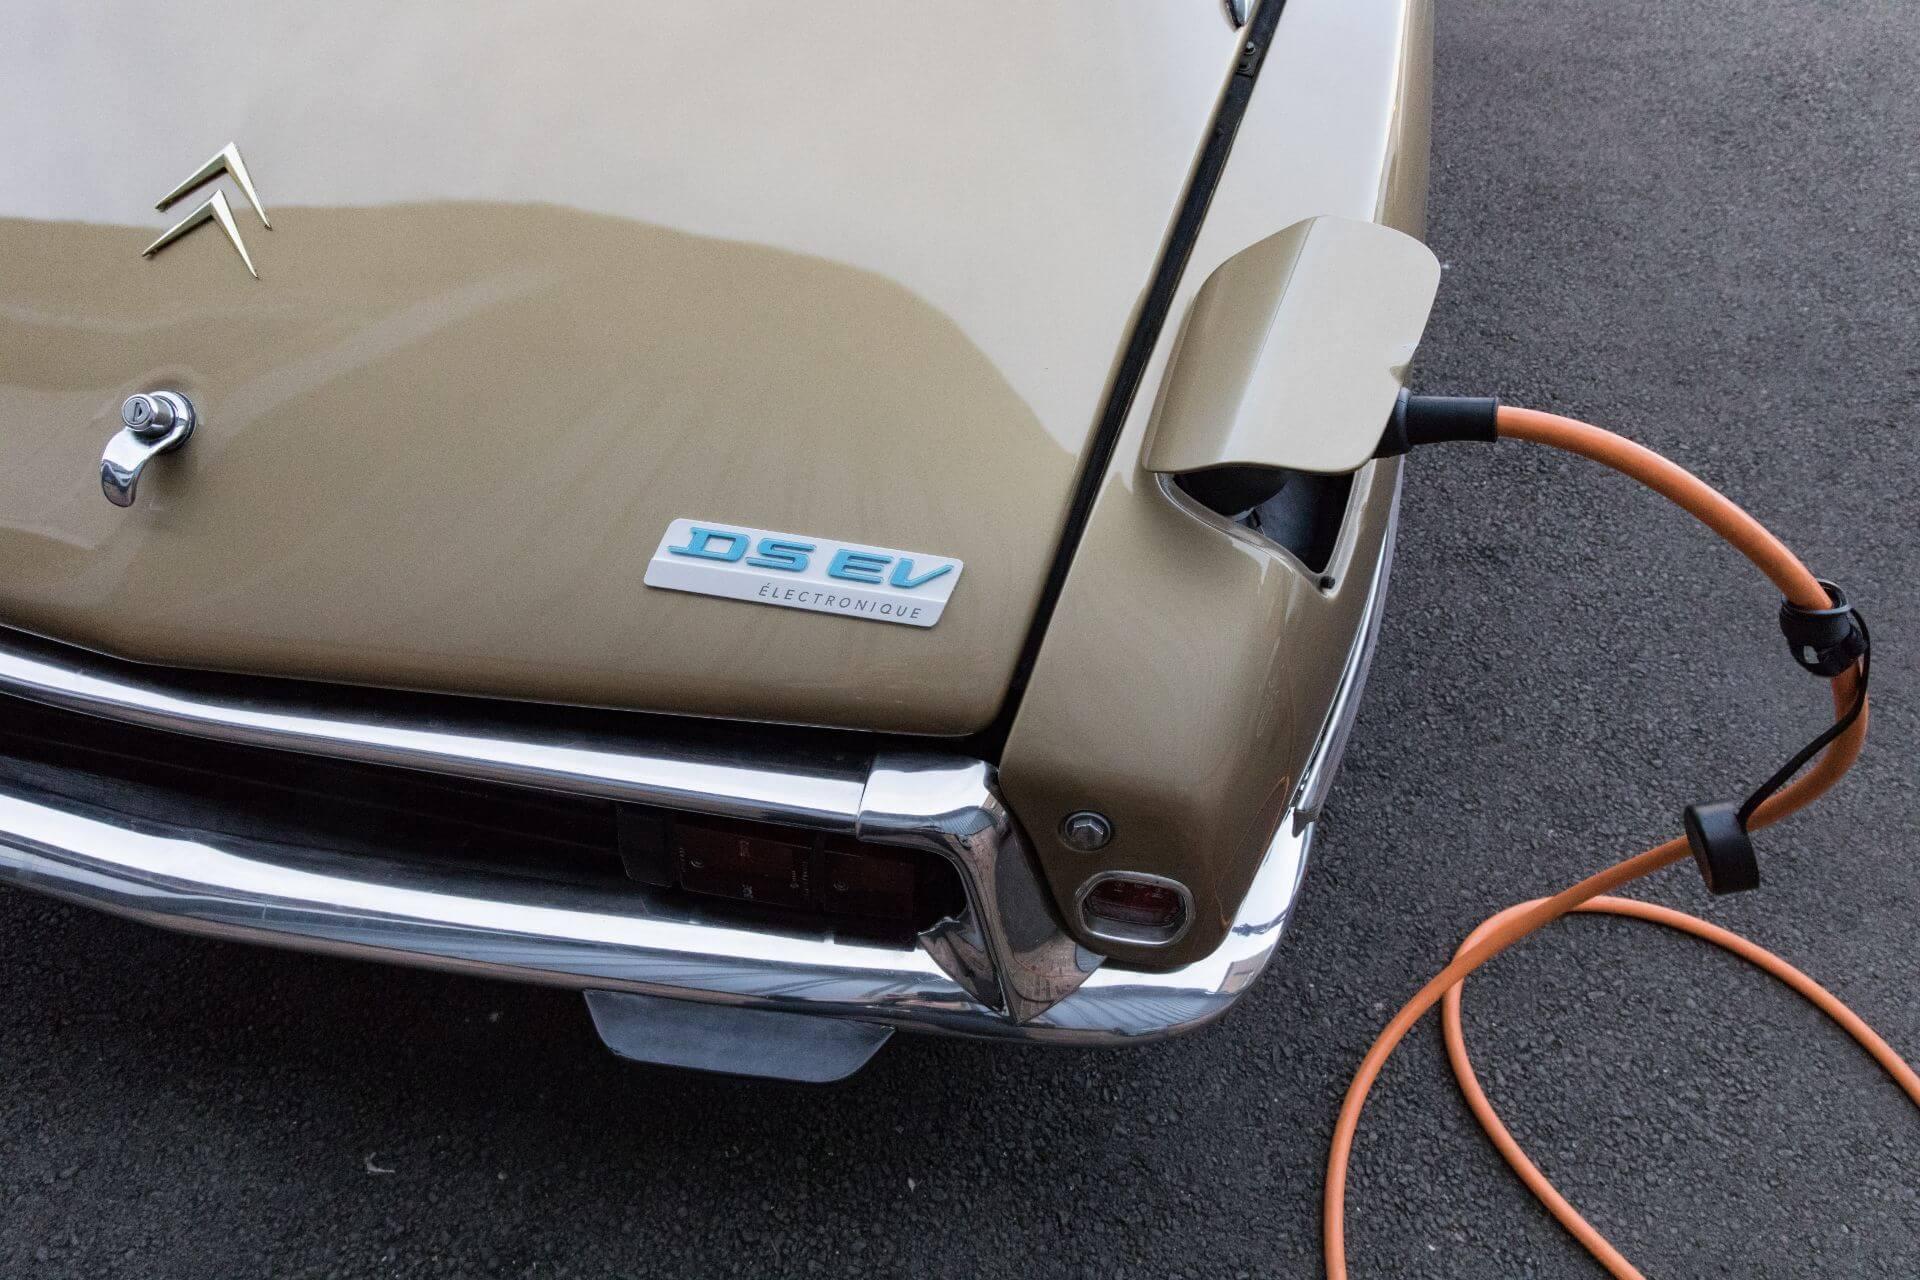 Внешний вид автомобиля практически не изменился: оригинальная крышка топливного бака скрывает порт зарядки